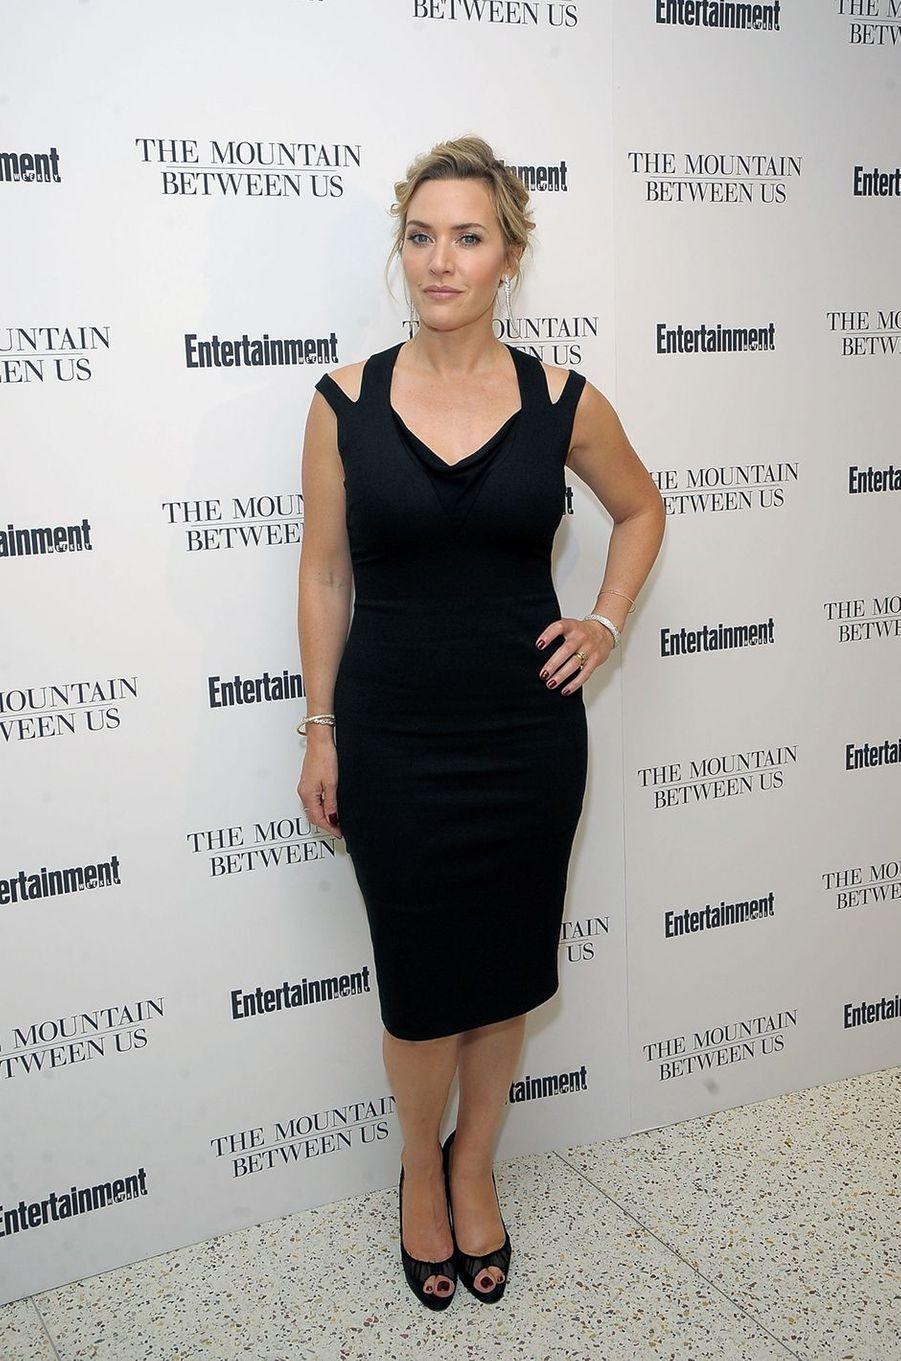 Kate Winslet à l'avant-première du film «La Montagne entre nous» à New York en septembre 2017